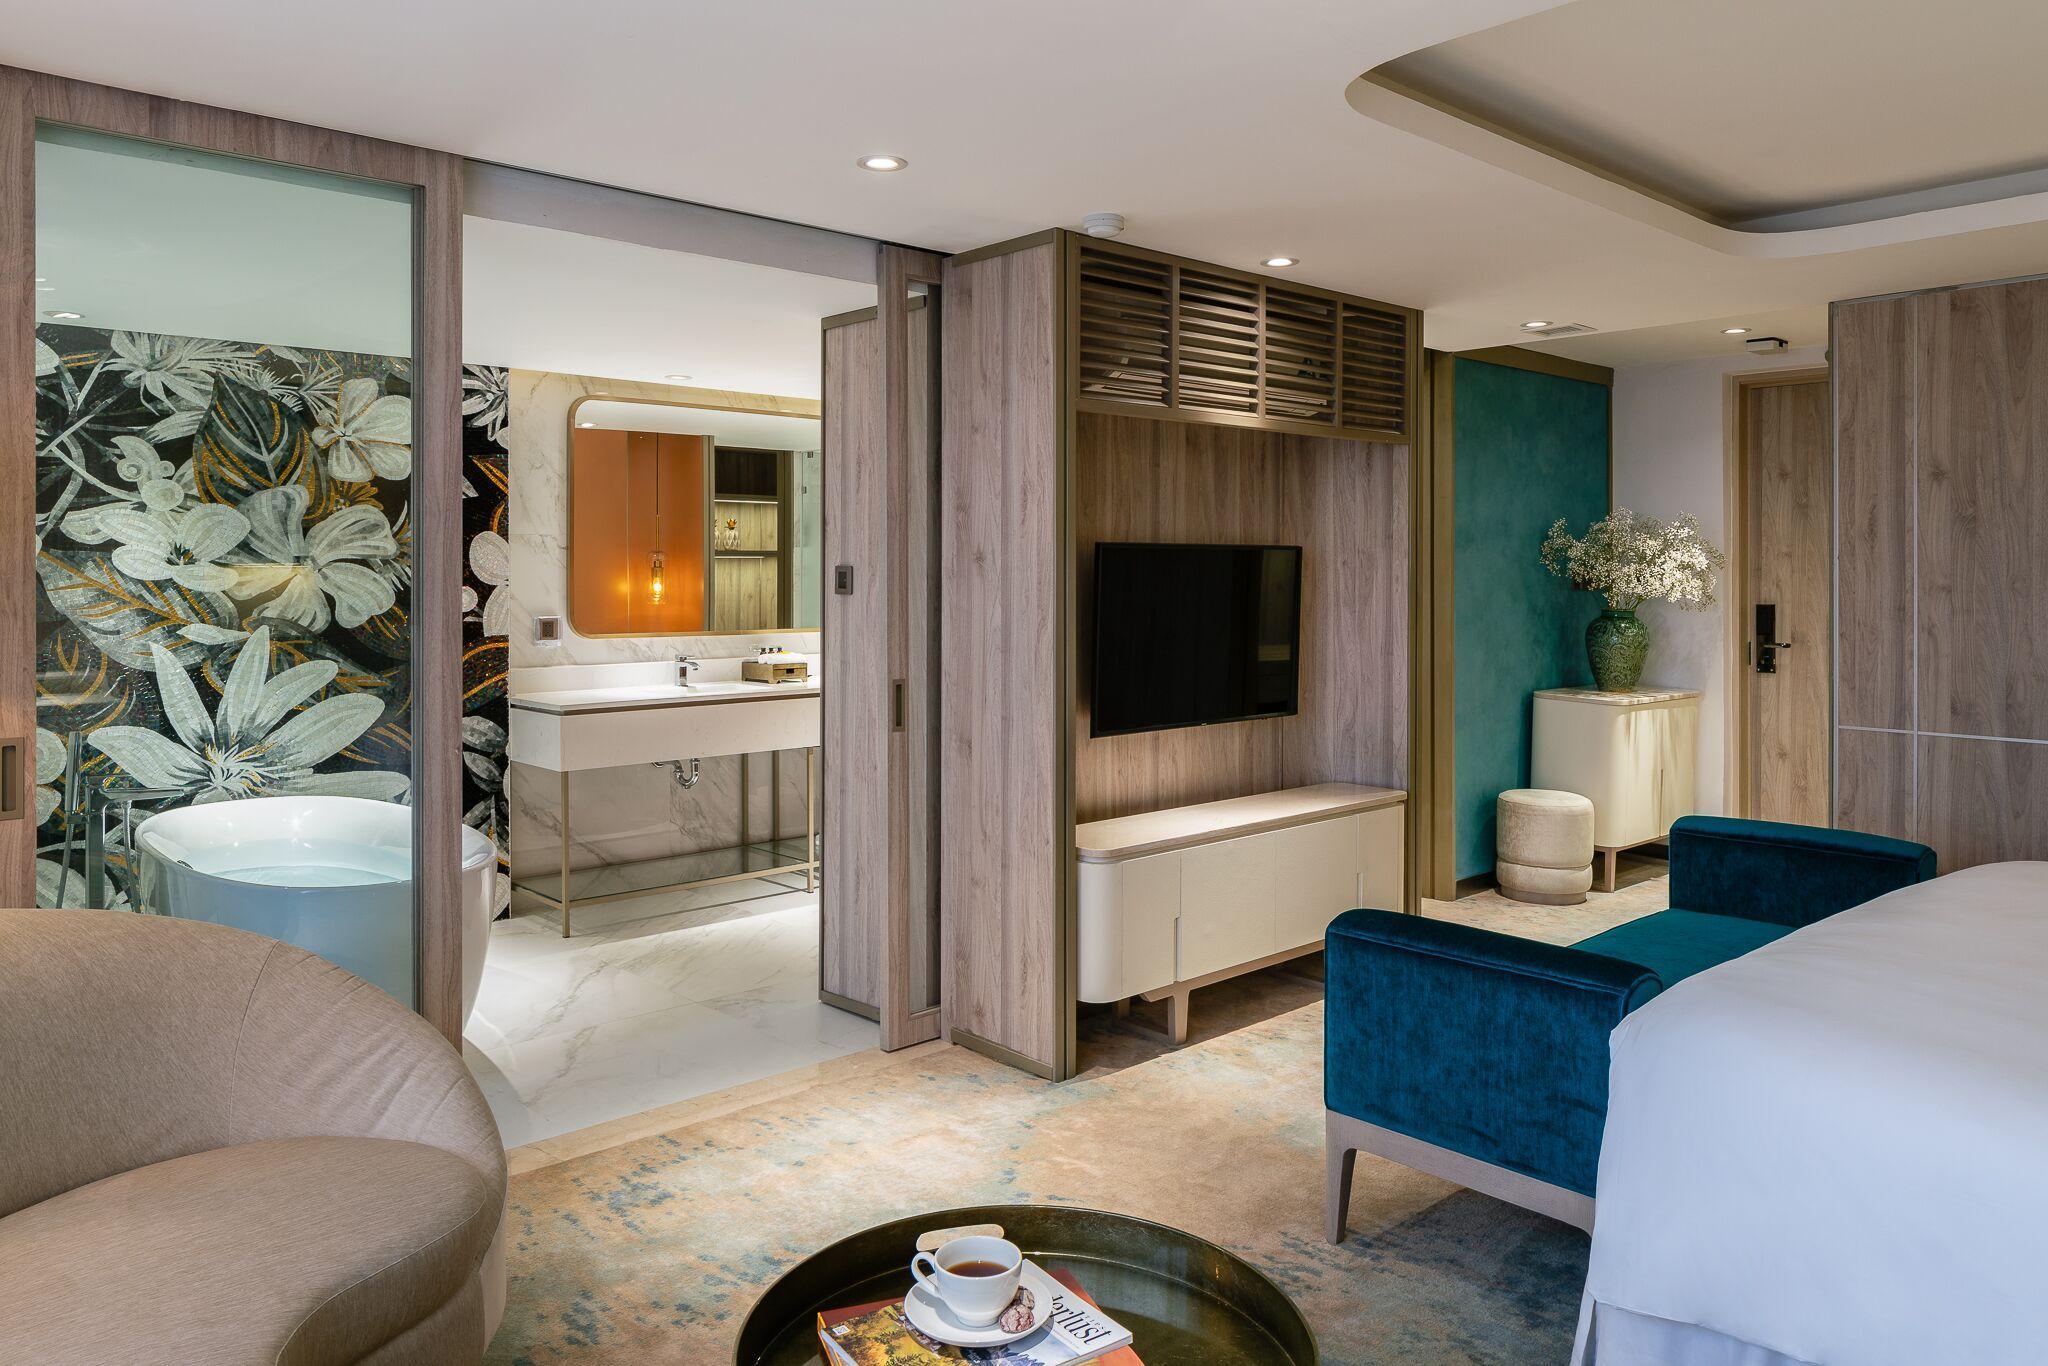 Hanoi Le Jardin Hotel & Spa From $63 - Room Deals, Photos ...